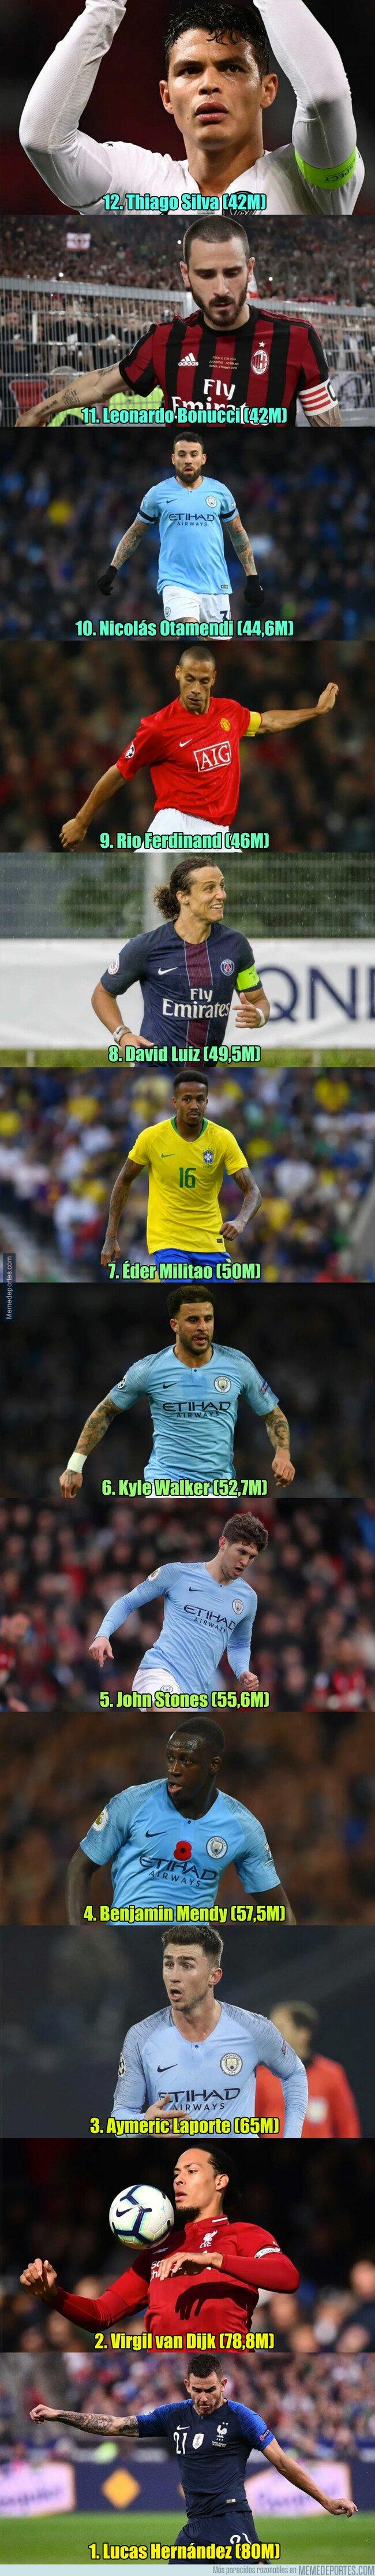 1069636 - Los 12 defensas más caros de la historia del fútbol